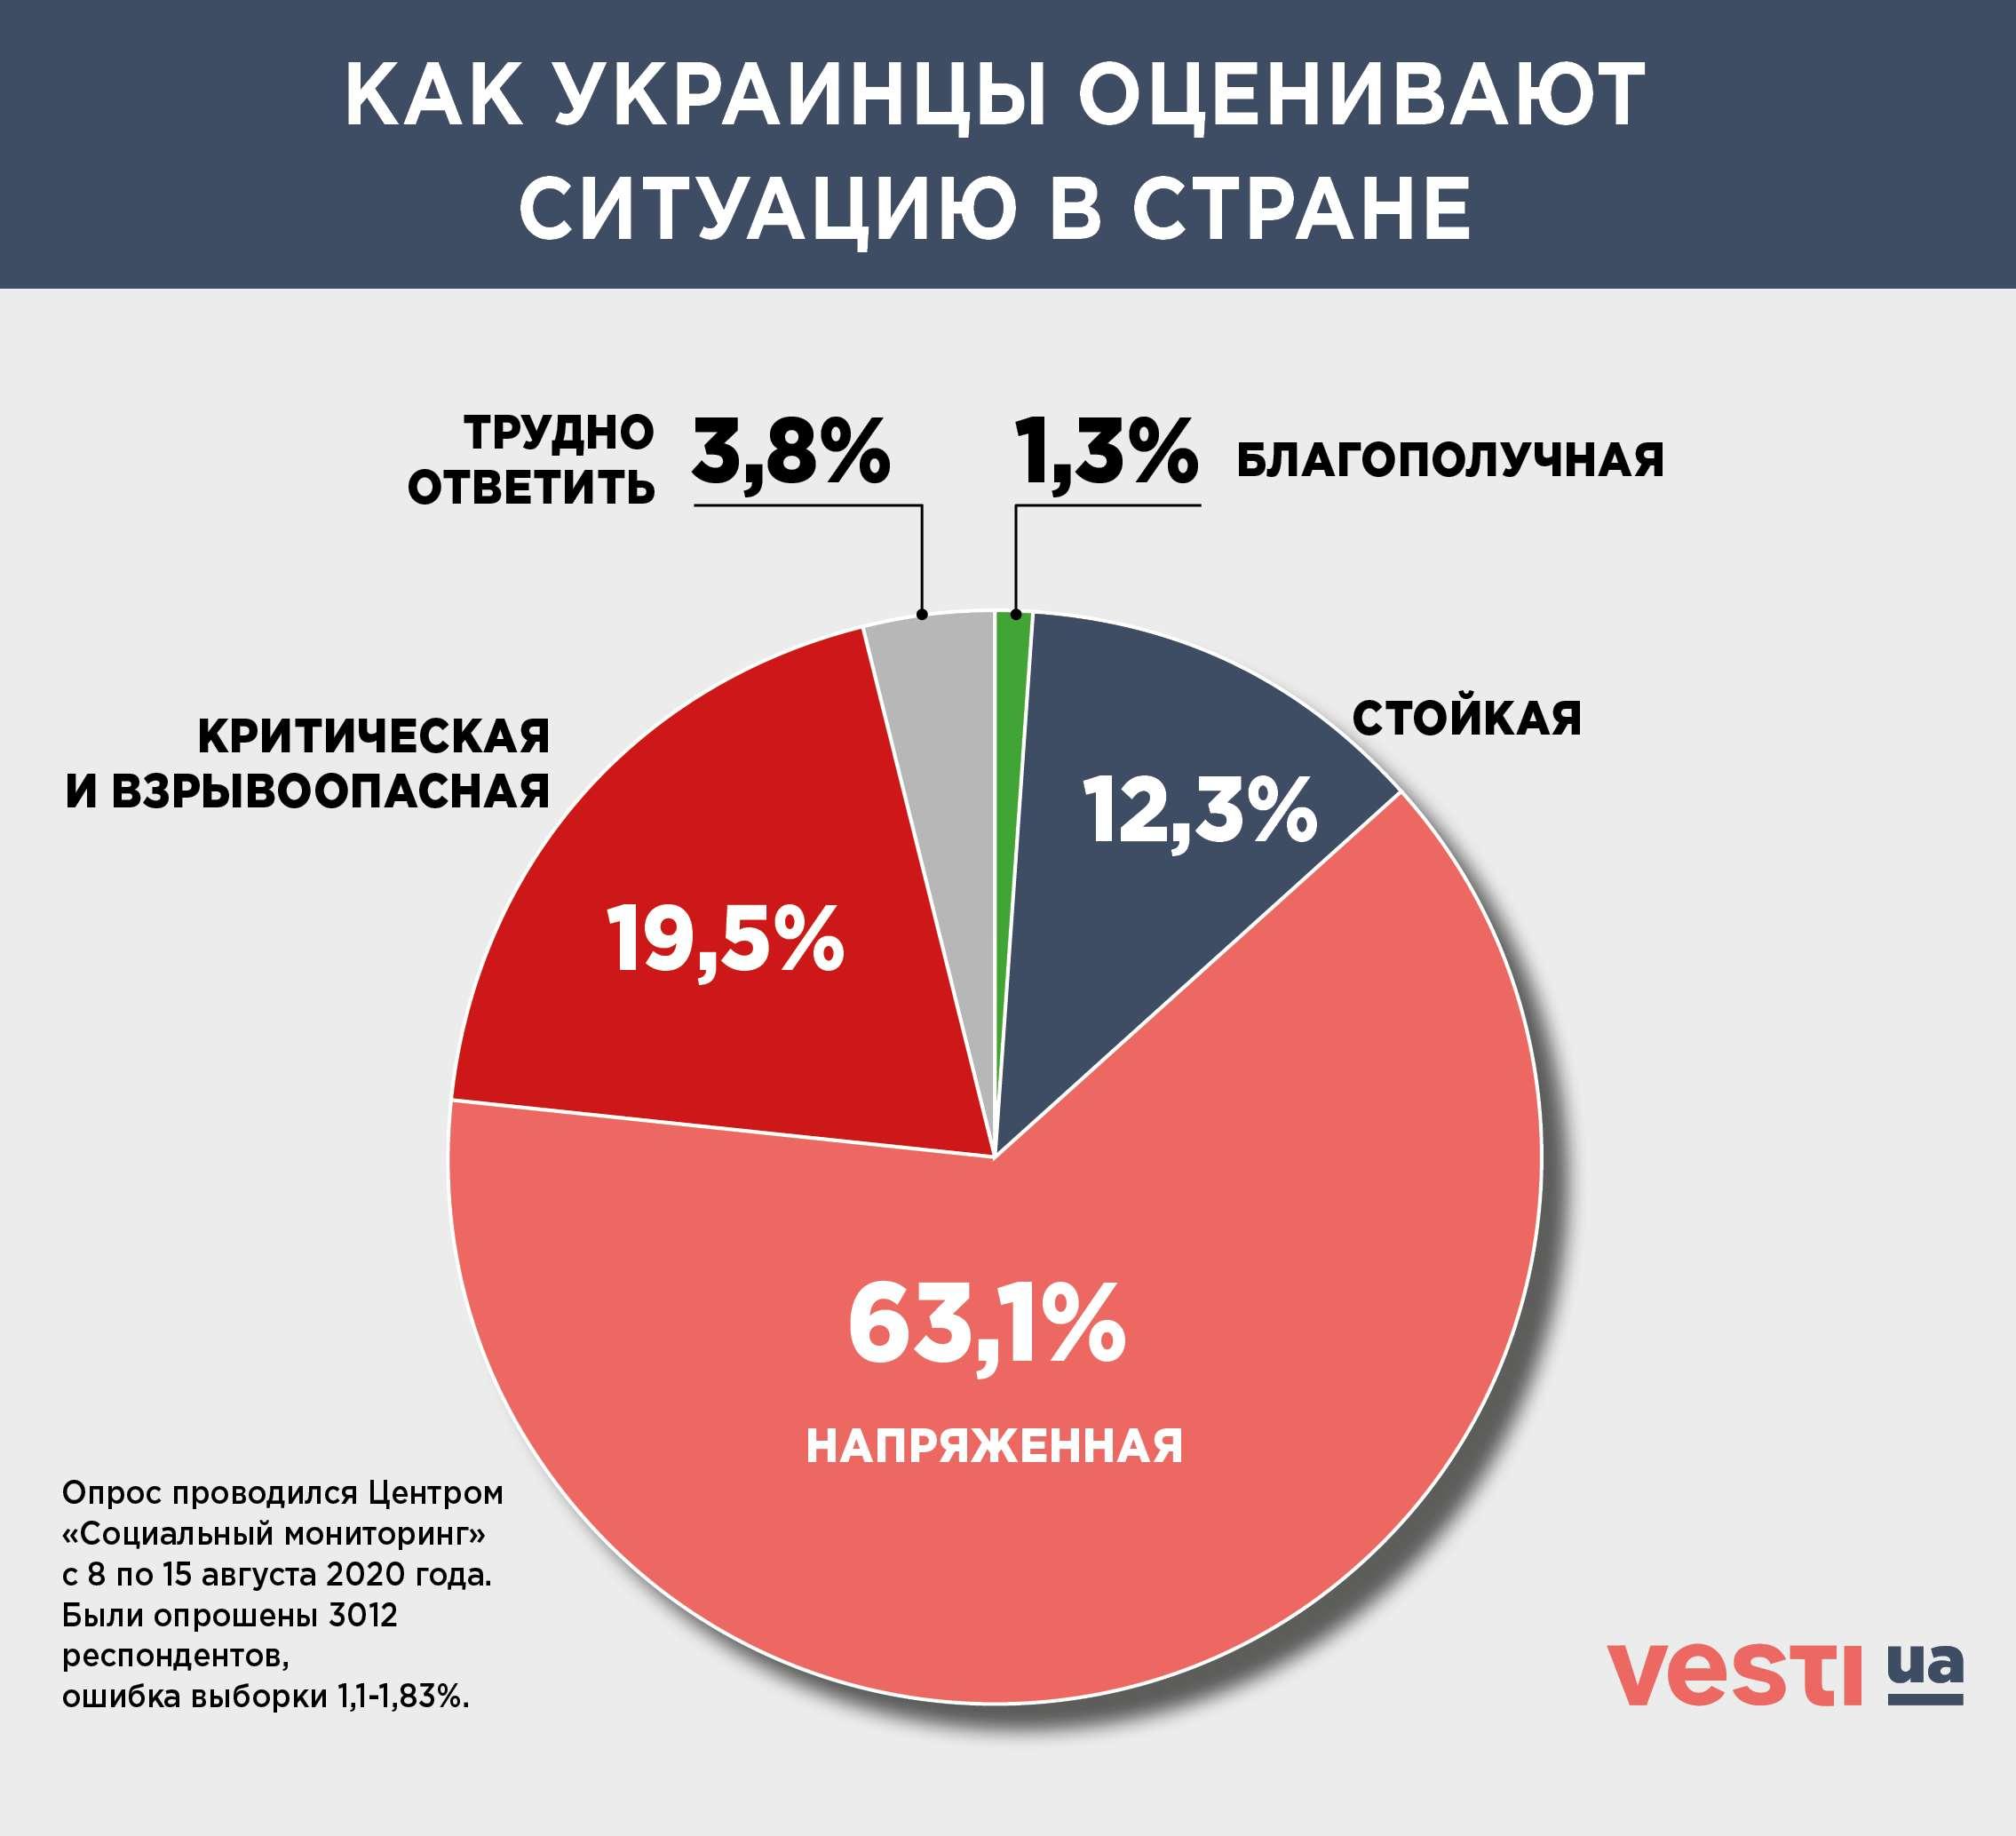 Более 70% украинцев недовольны развитием событий в стране - соцопрос - фото 1